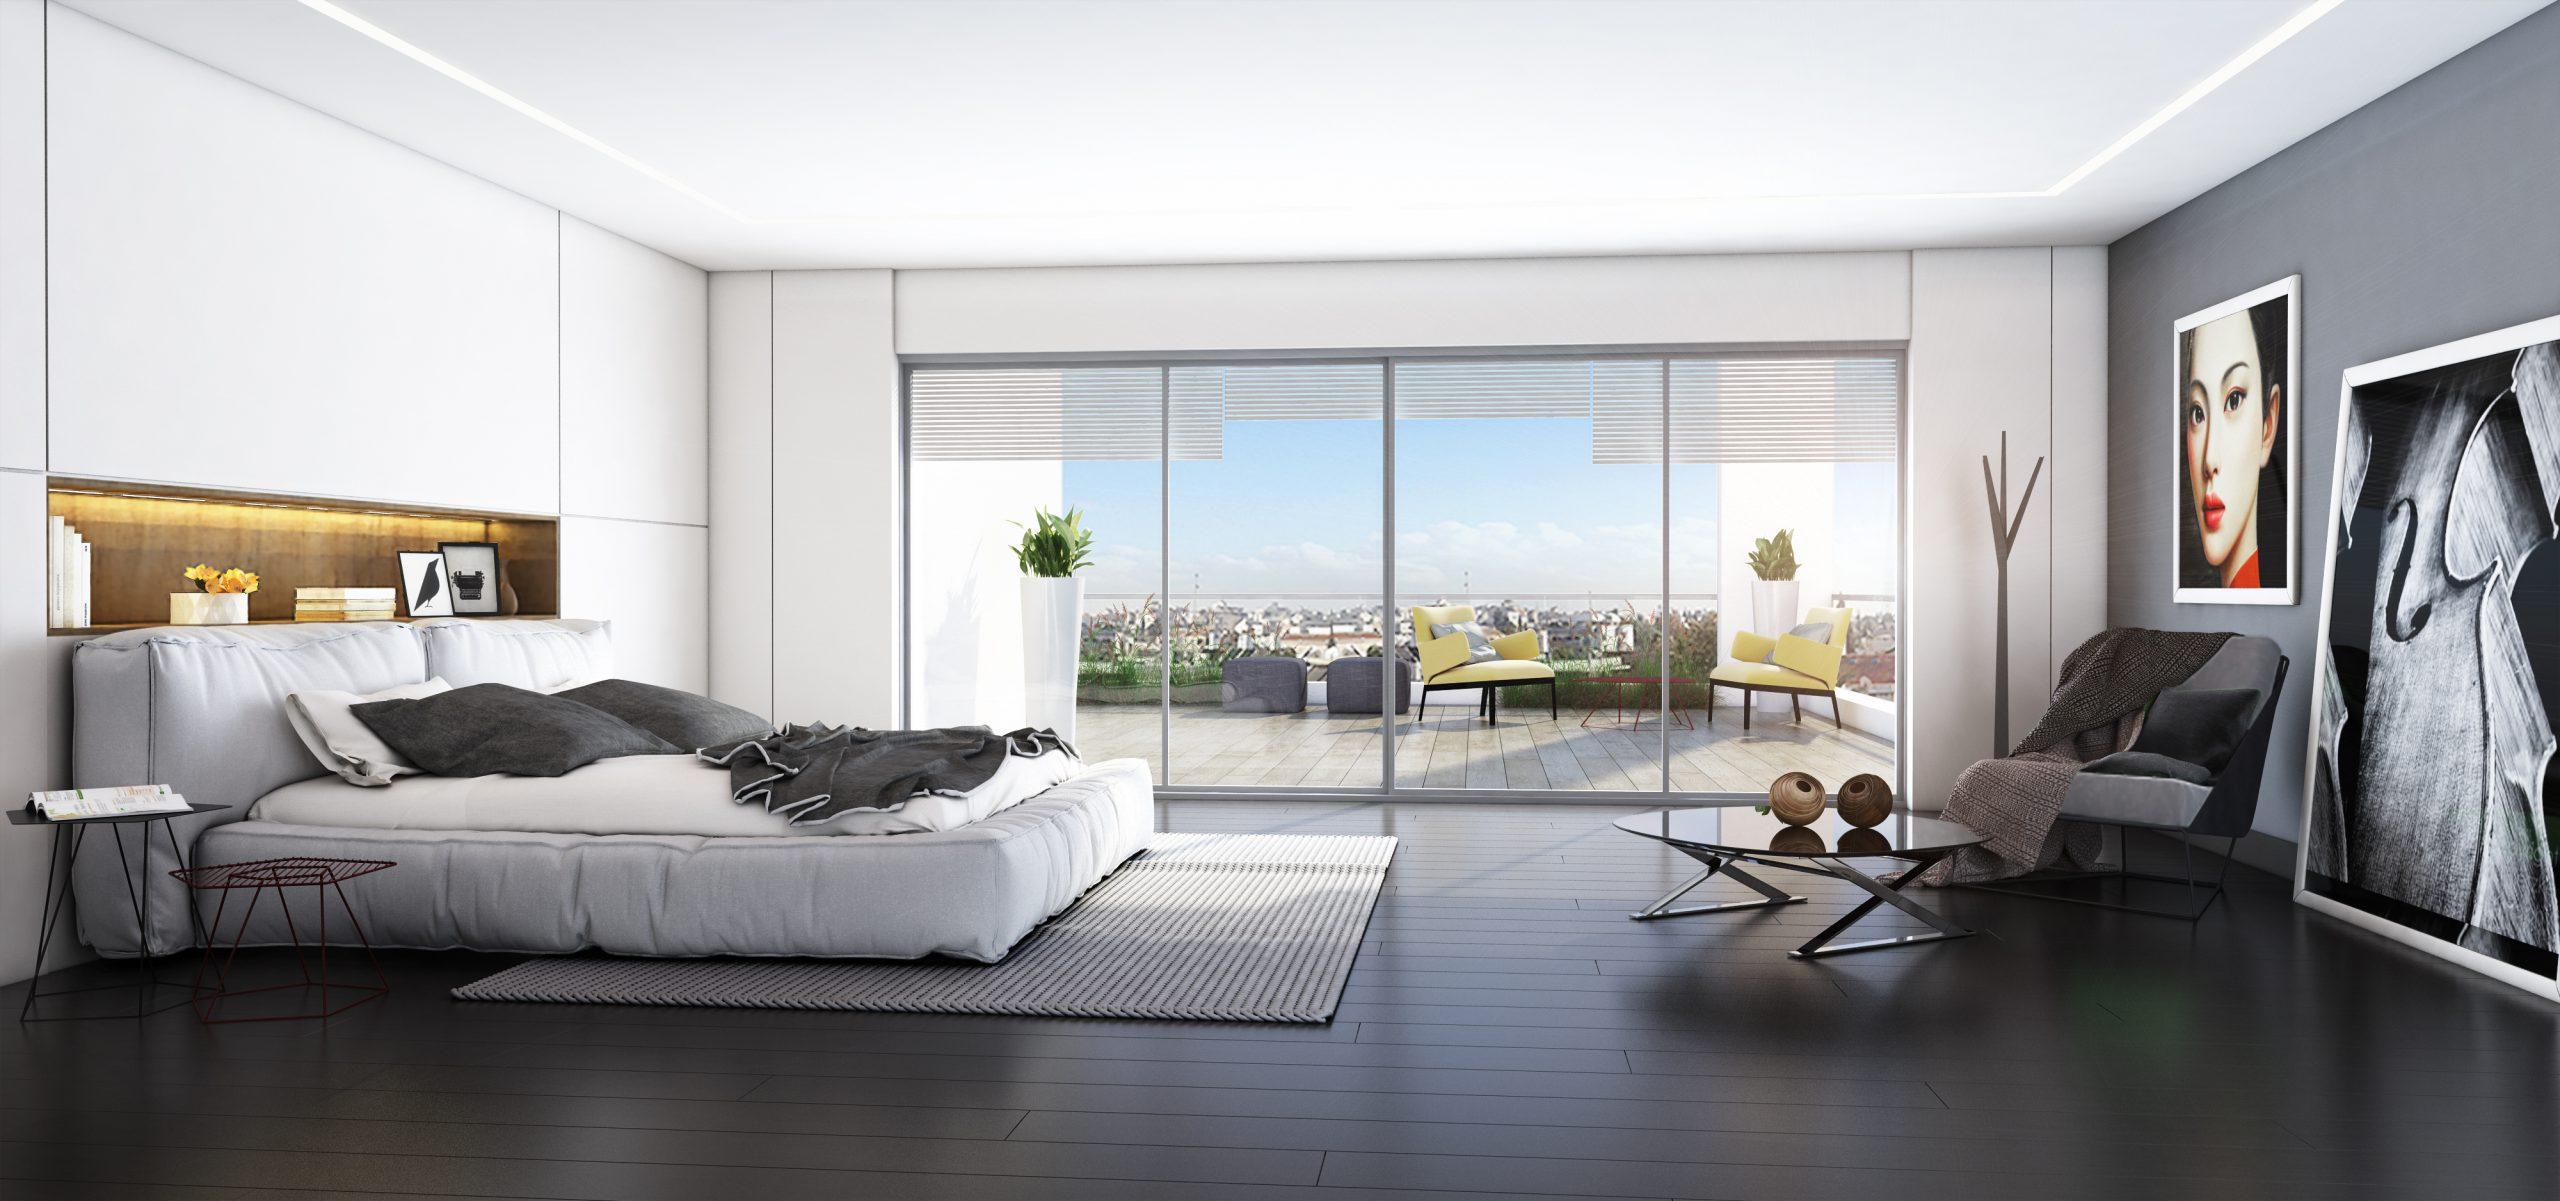 דירה למכירה ברמת אביב - חדר שינה ב פרויקט ONE